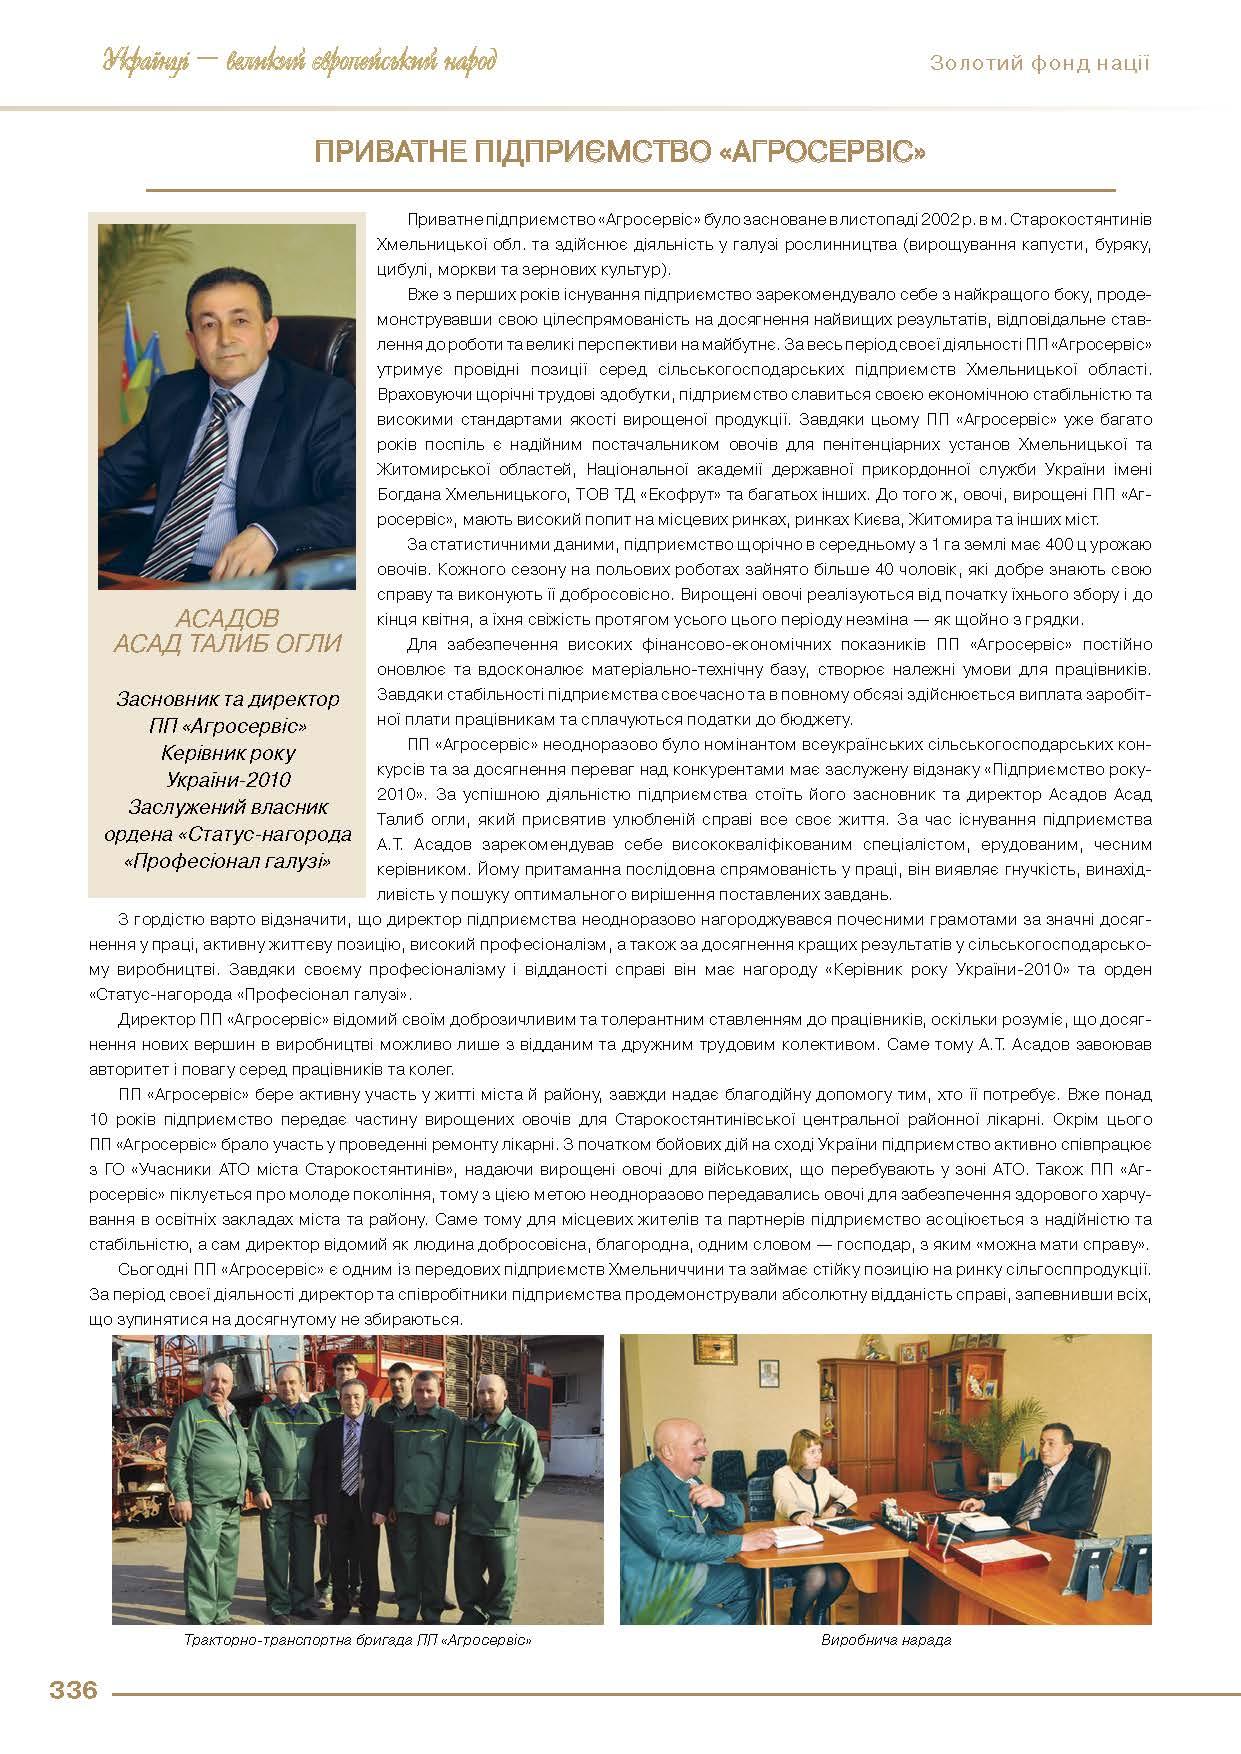 Приватне підприємство «Агросервіс» - Асадов Асад Талибогли